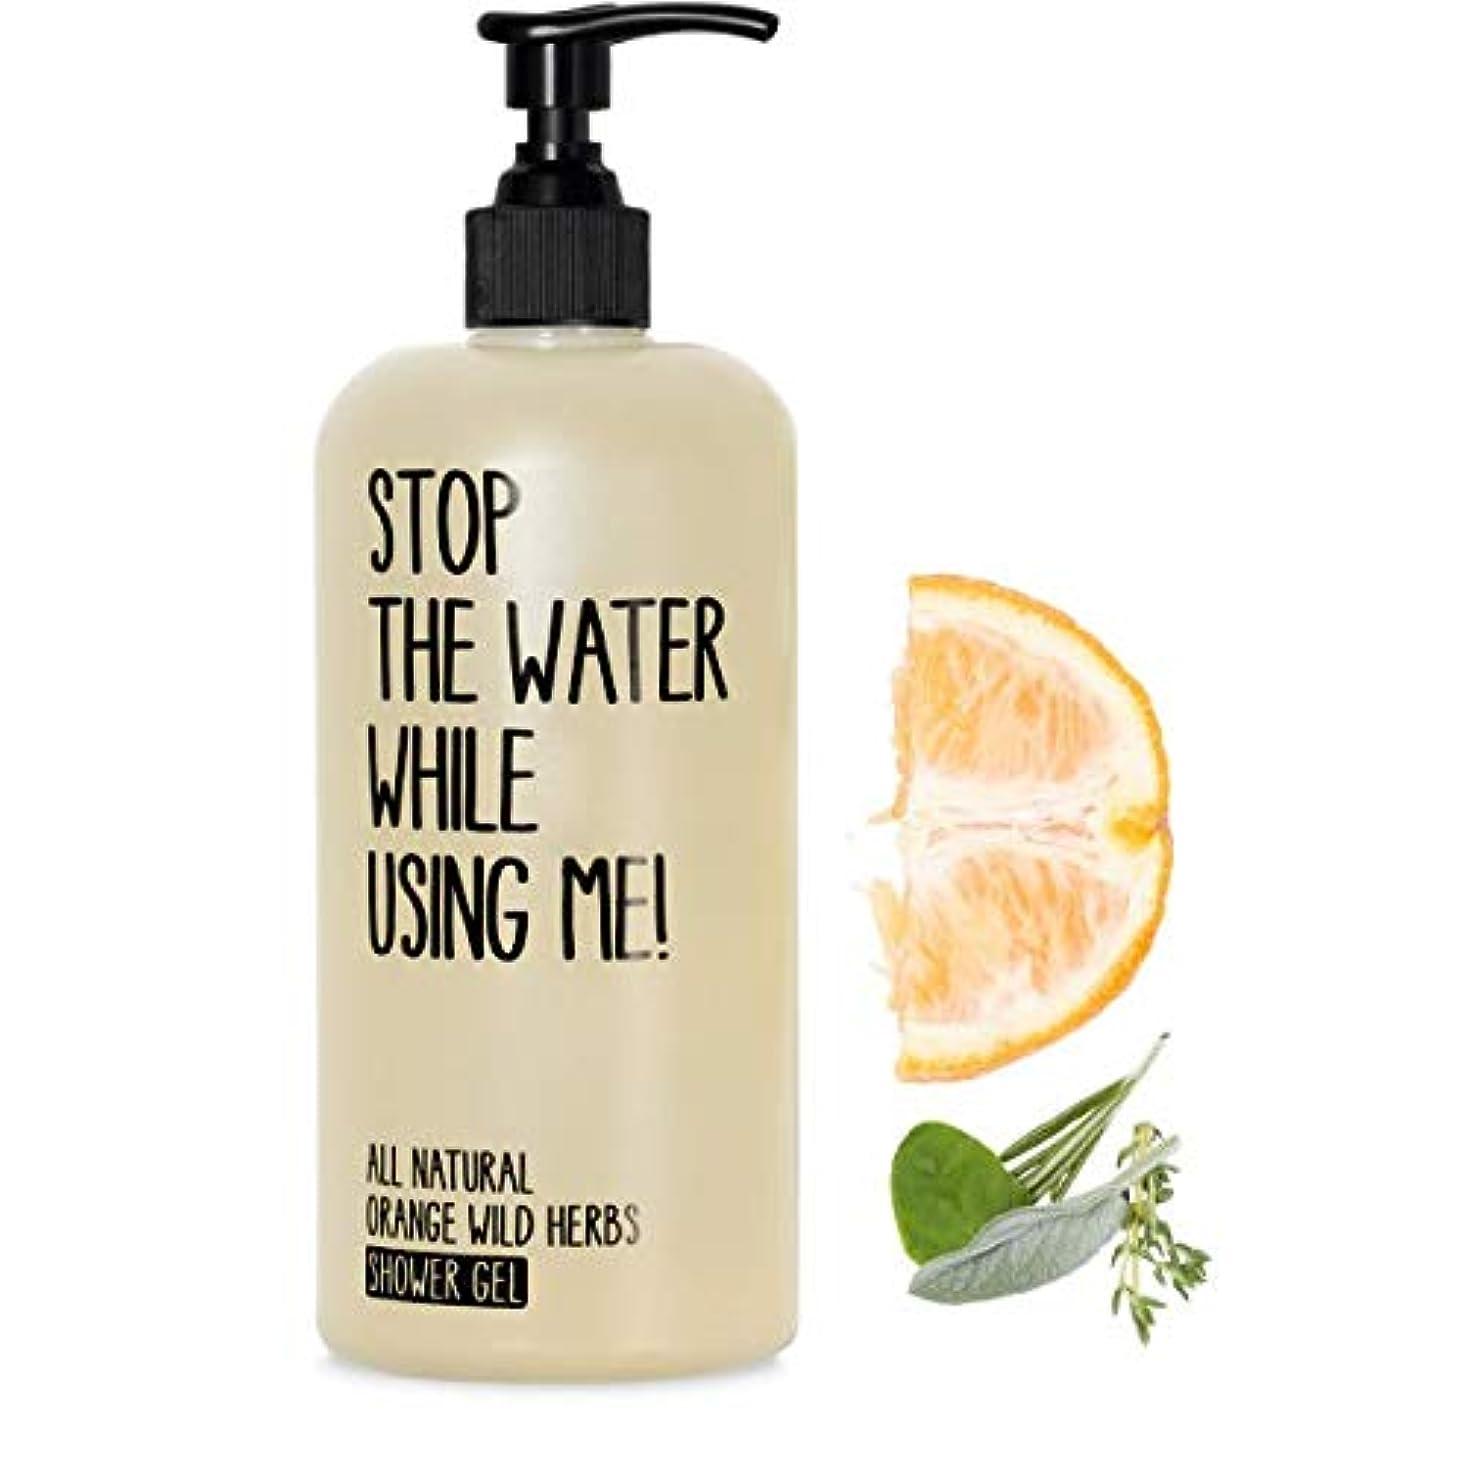 ダンス弱いクローゼット【STOP THE WATER WHILE USING ME!】 O&WHシャワージェル(オレンジ&ワイルドハーブ) 200ml